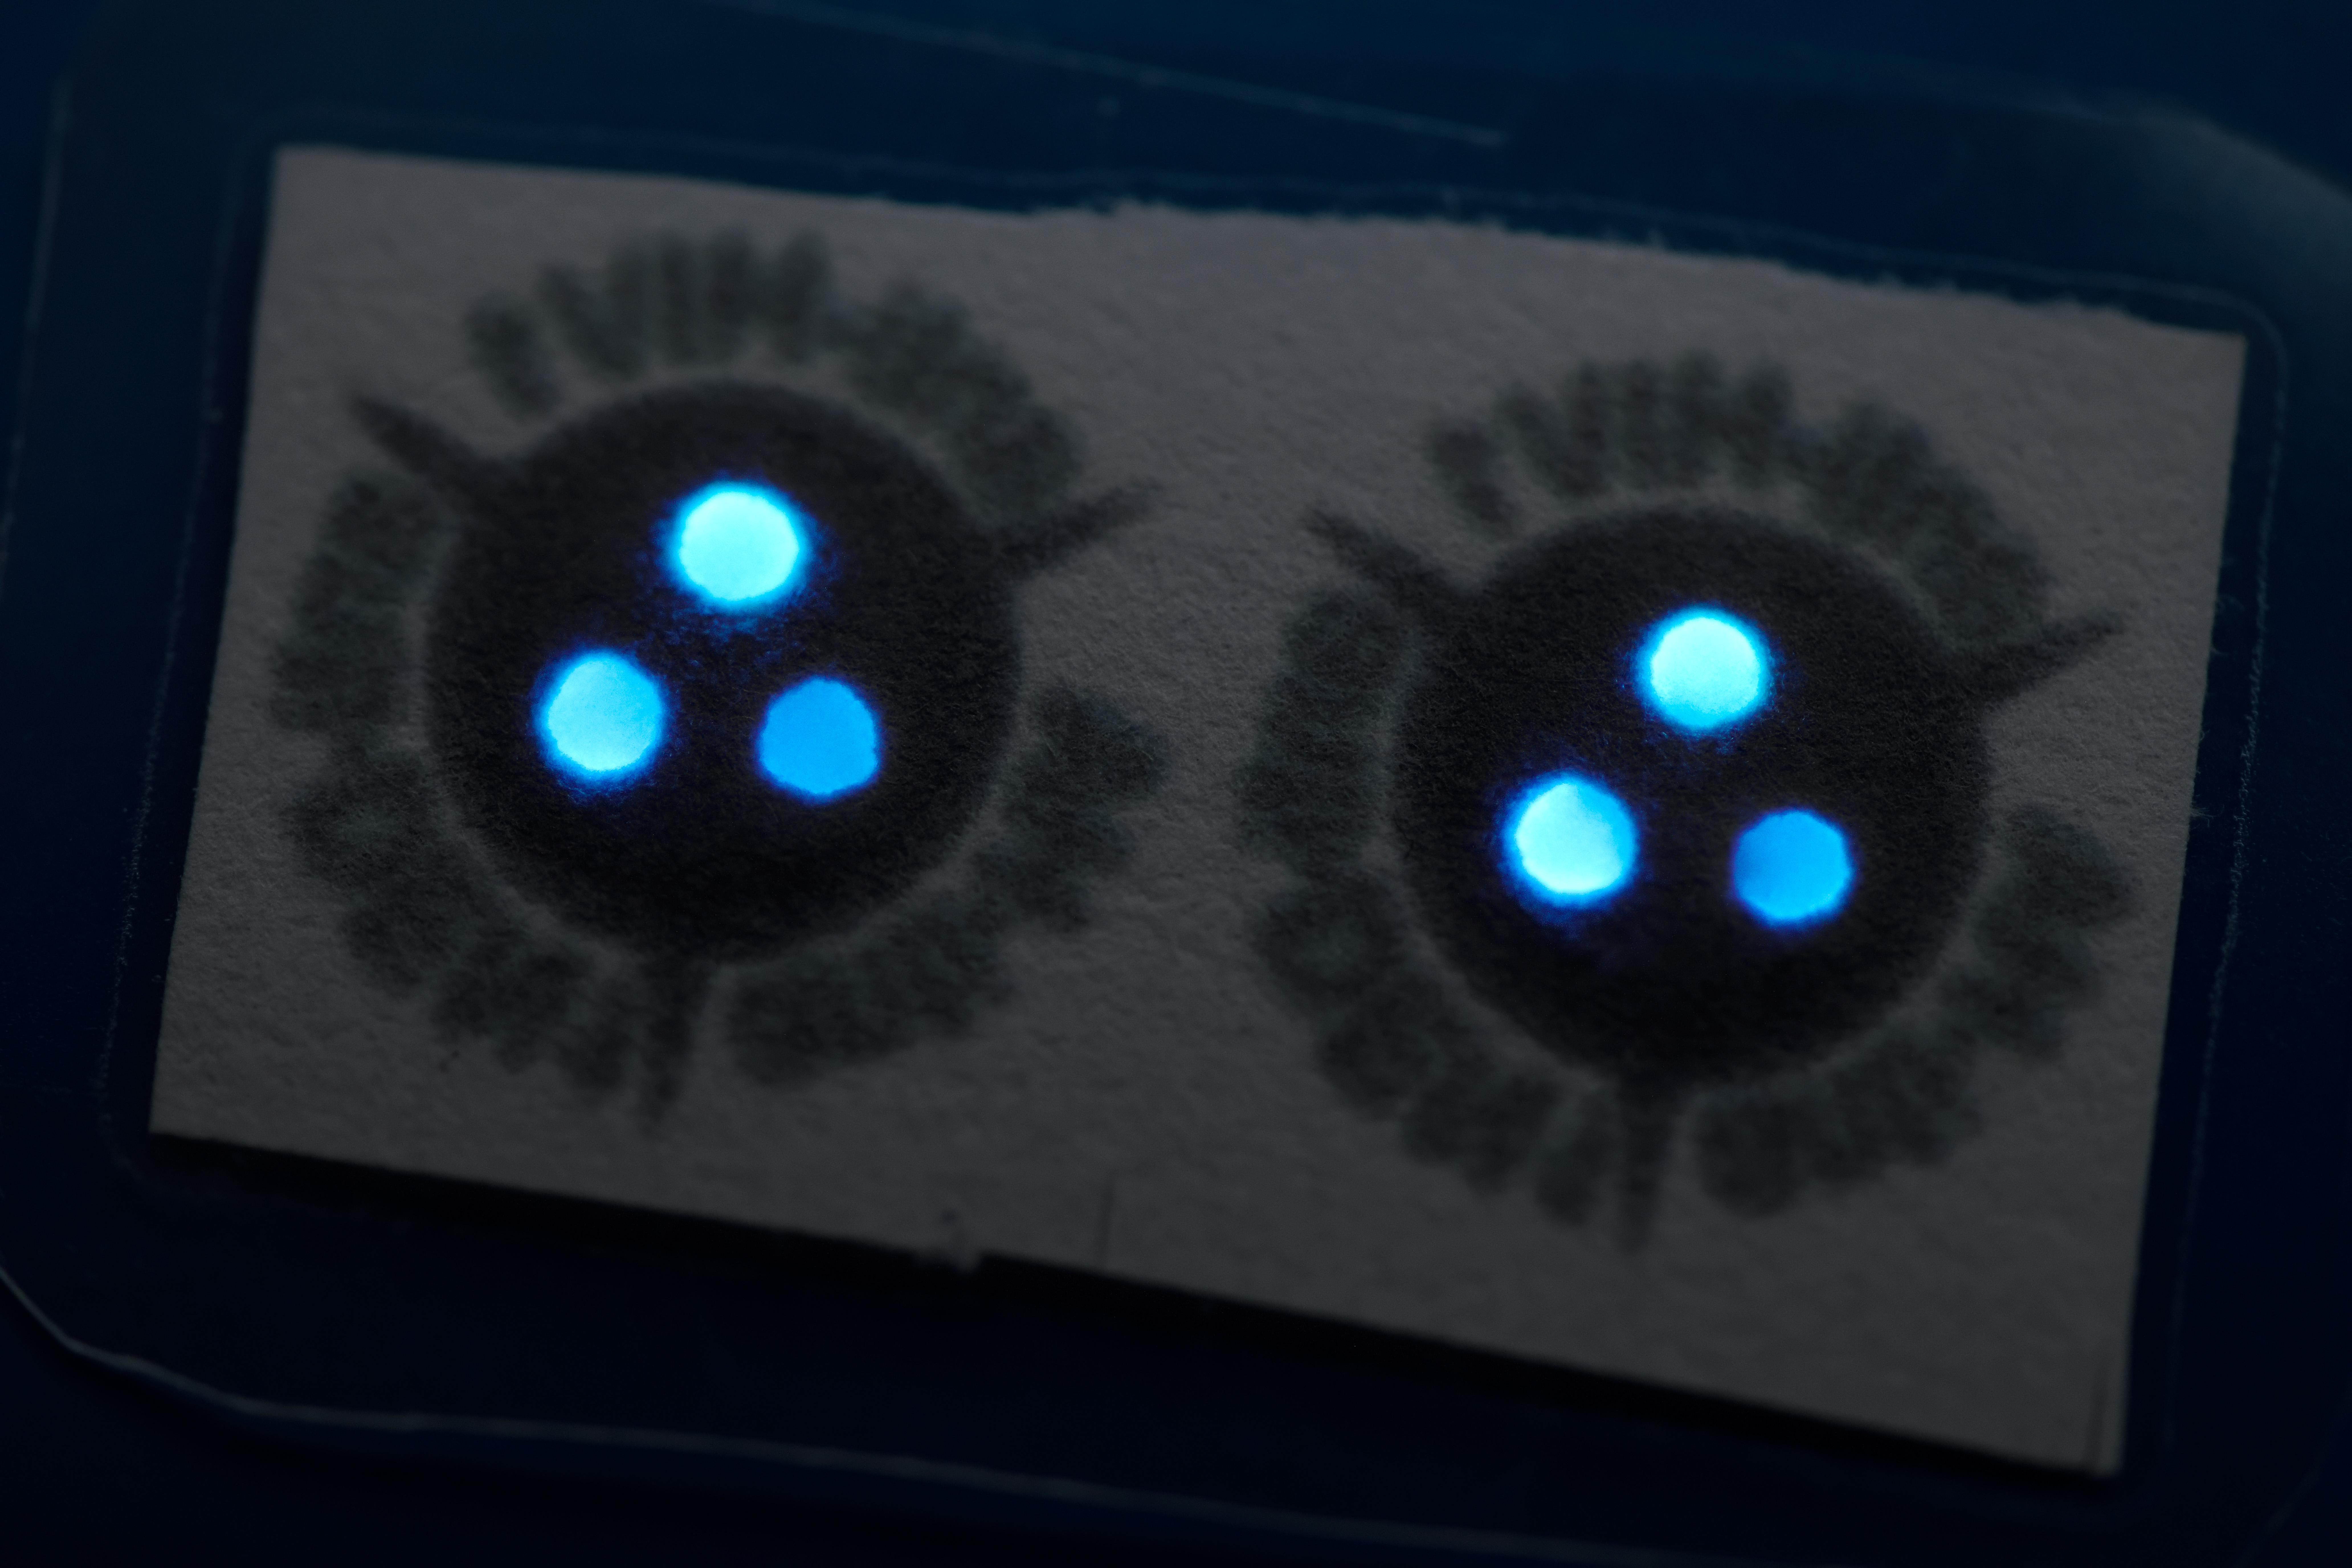 这些抗体试剂盒使用萤光素酶(萤火虫用来产生萤光的一种酶)发出蓝光,以指示是否正在感染。  图片来源-Bart van Overbeeke